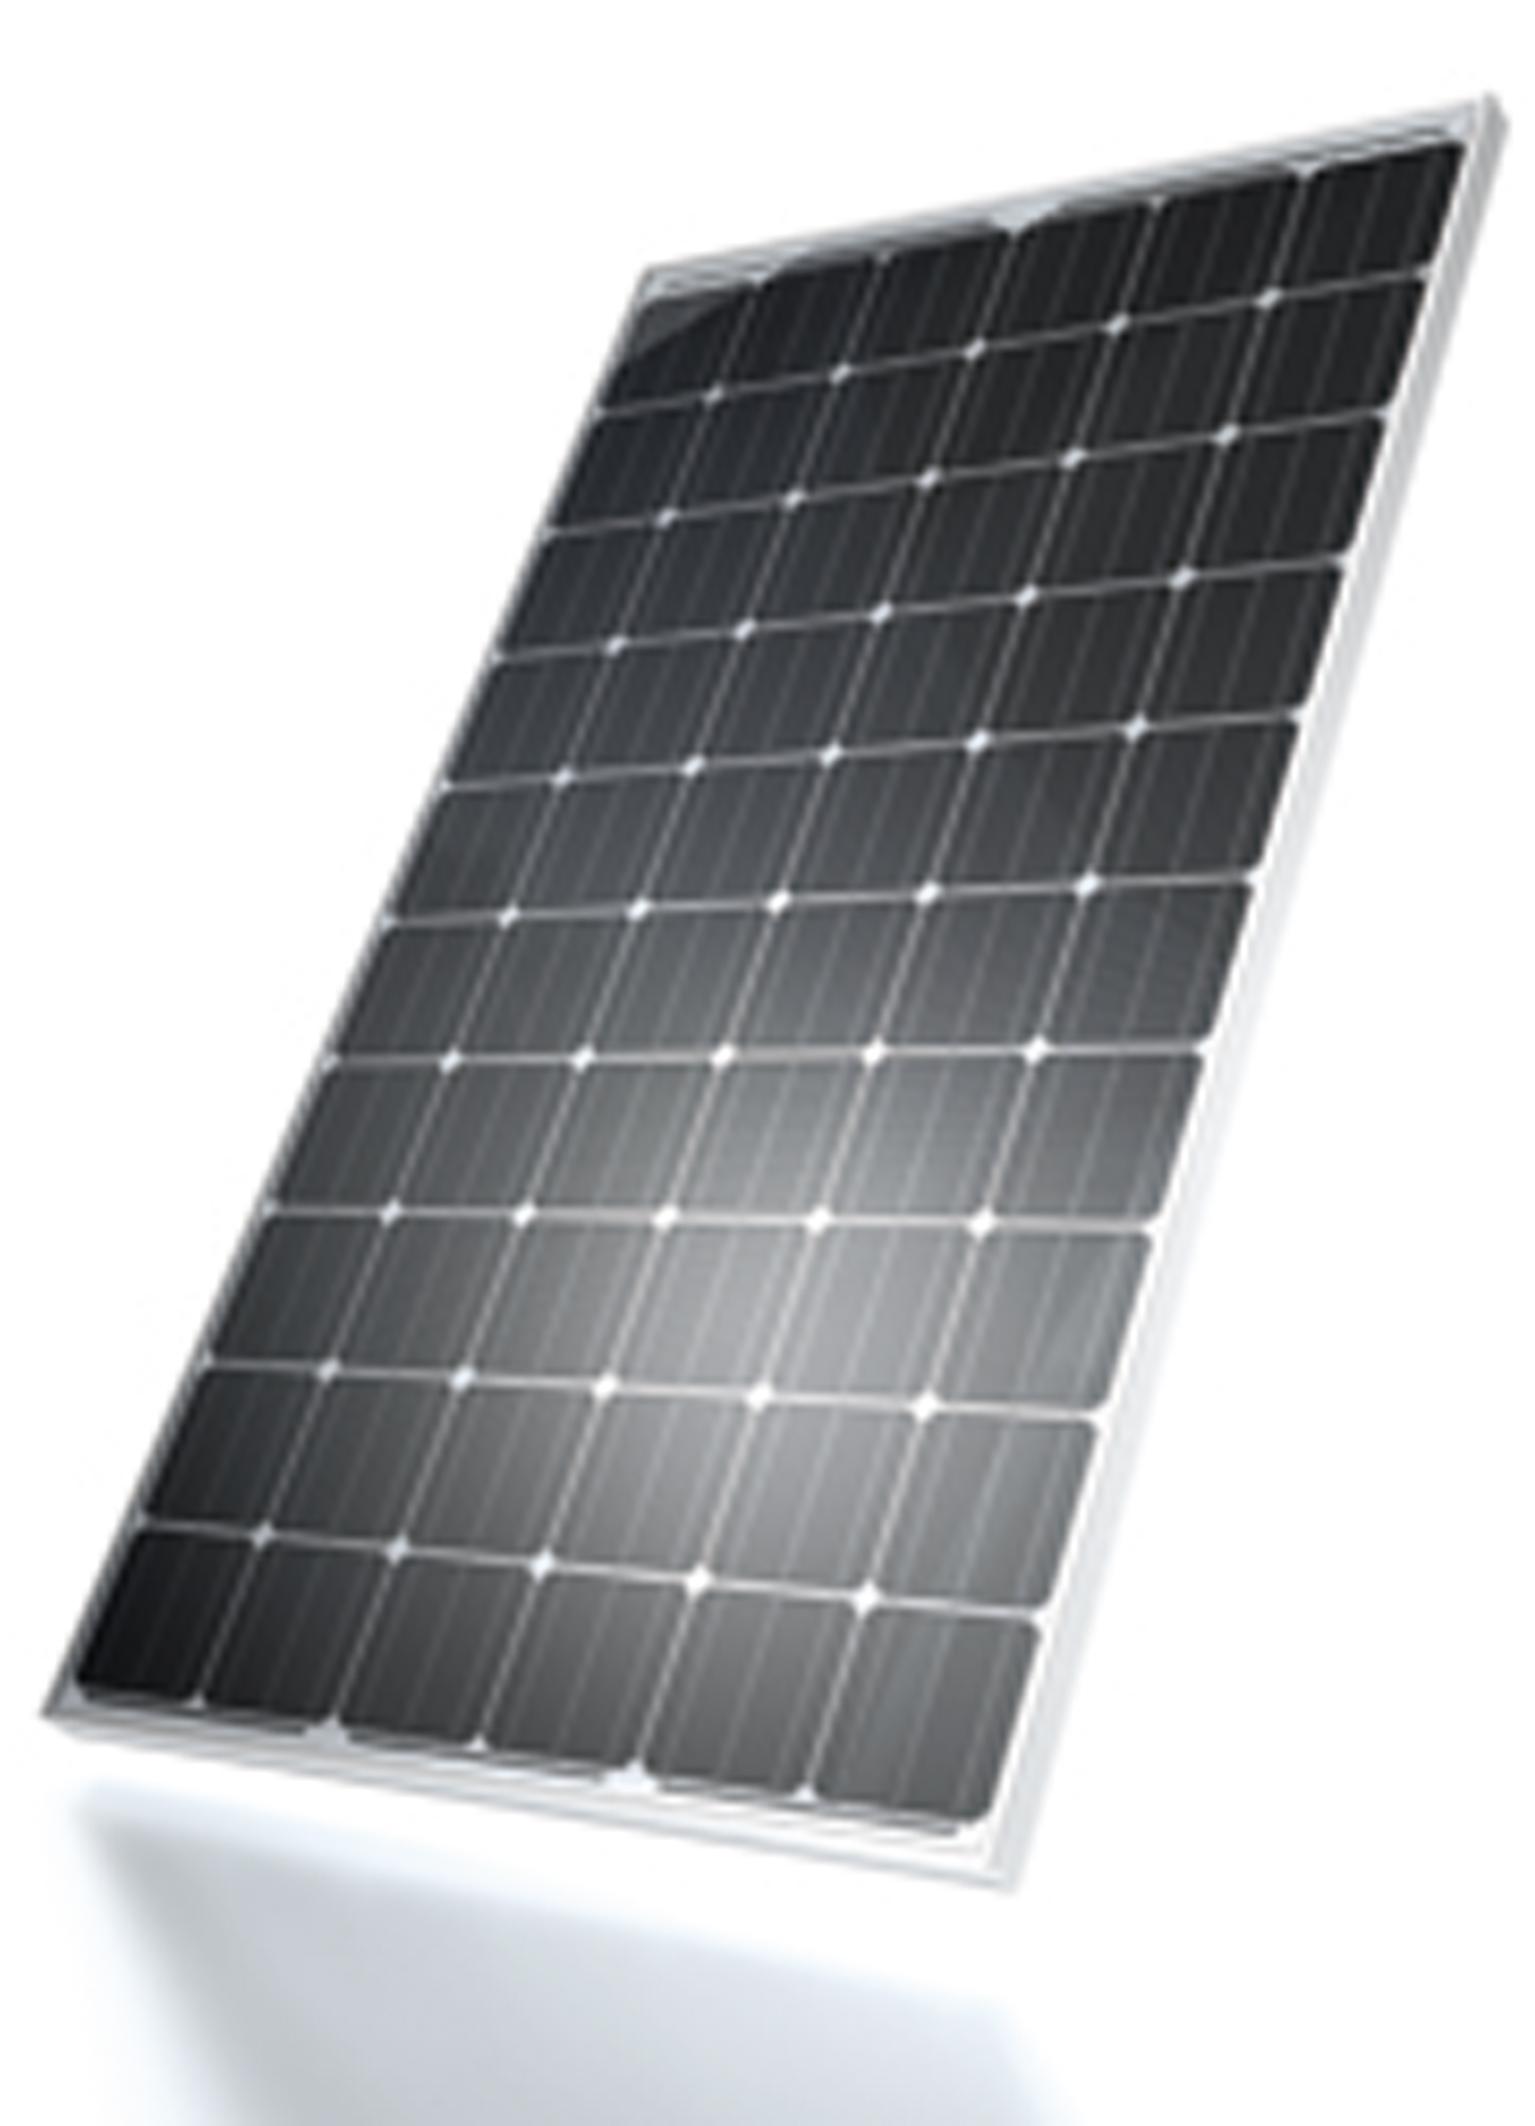 Pannello Solare Quanto Produce : Pannelli solari fotovoltaici bosch prezzi